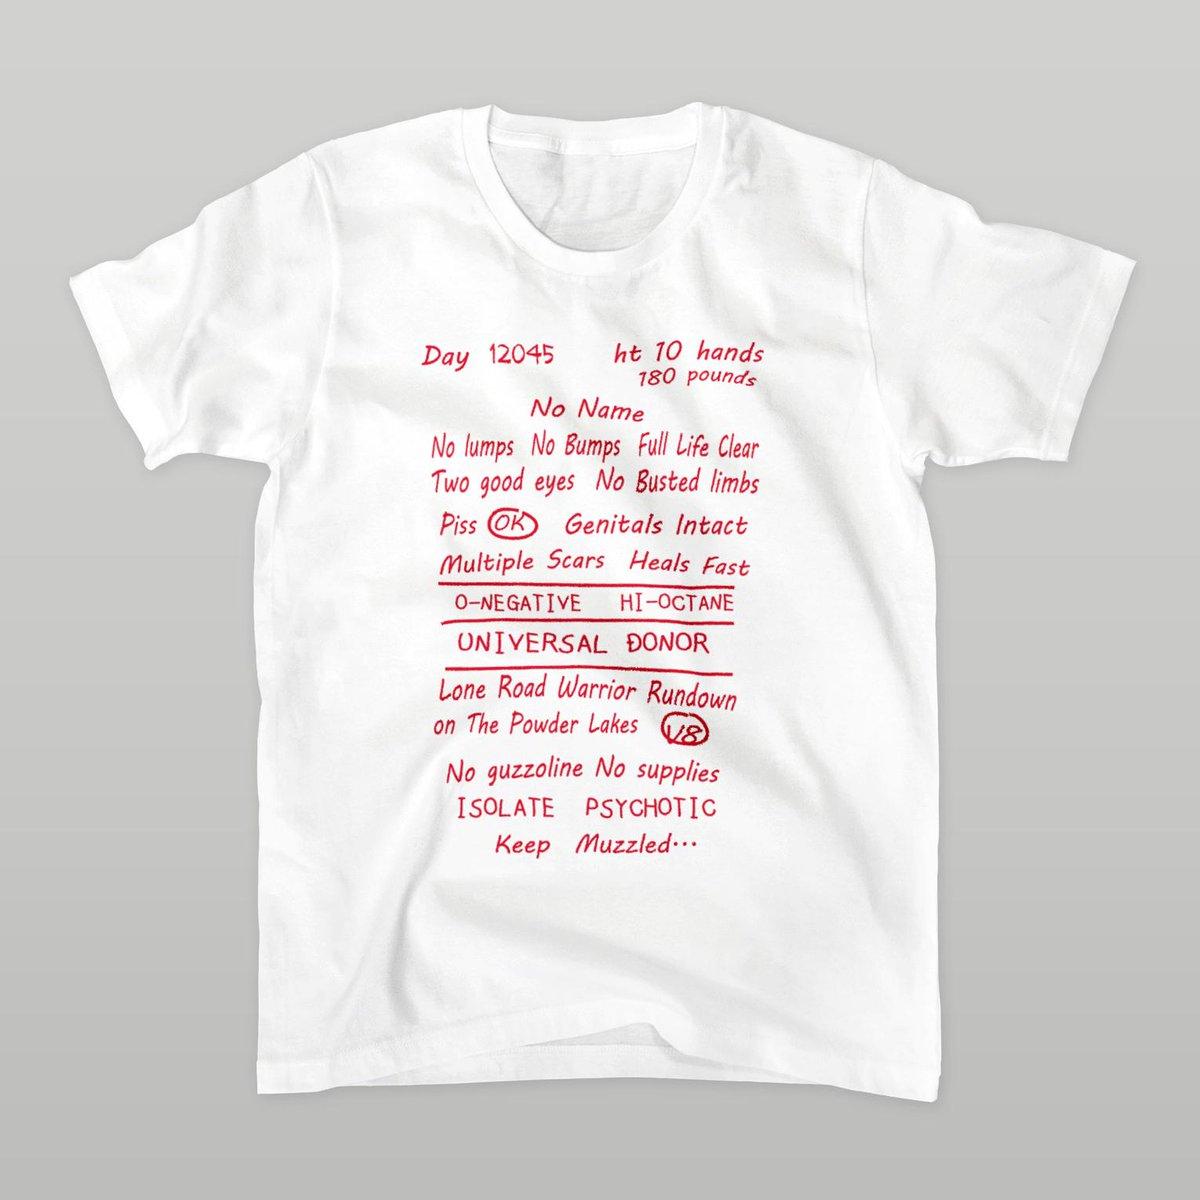 輸血袋Tシャツ販売します。  https://t.co/AmYYa5BFqD http://t.co/yEZ34Aj93y